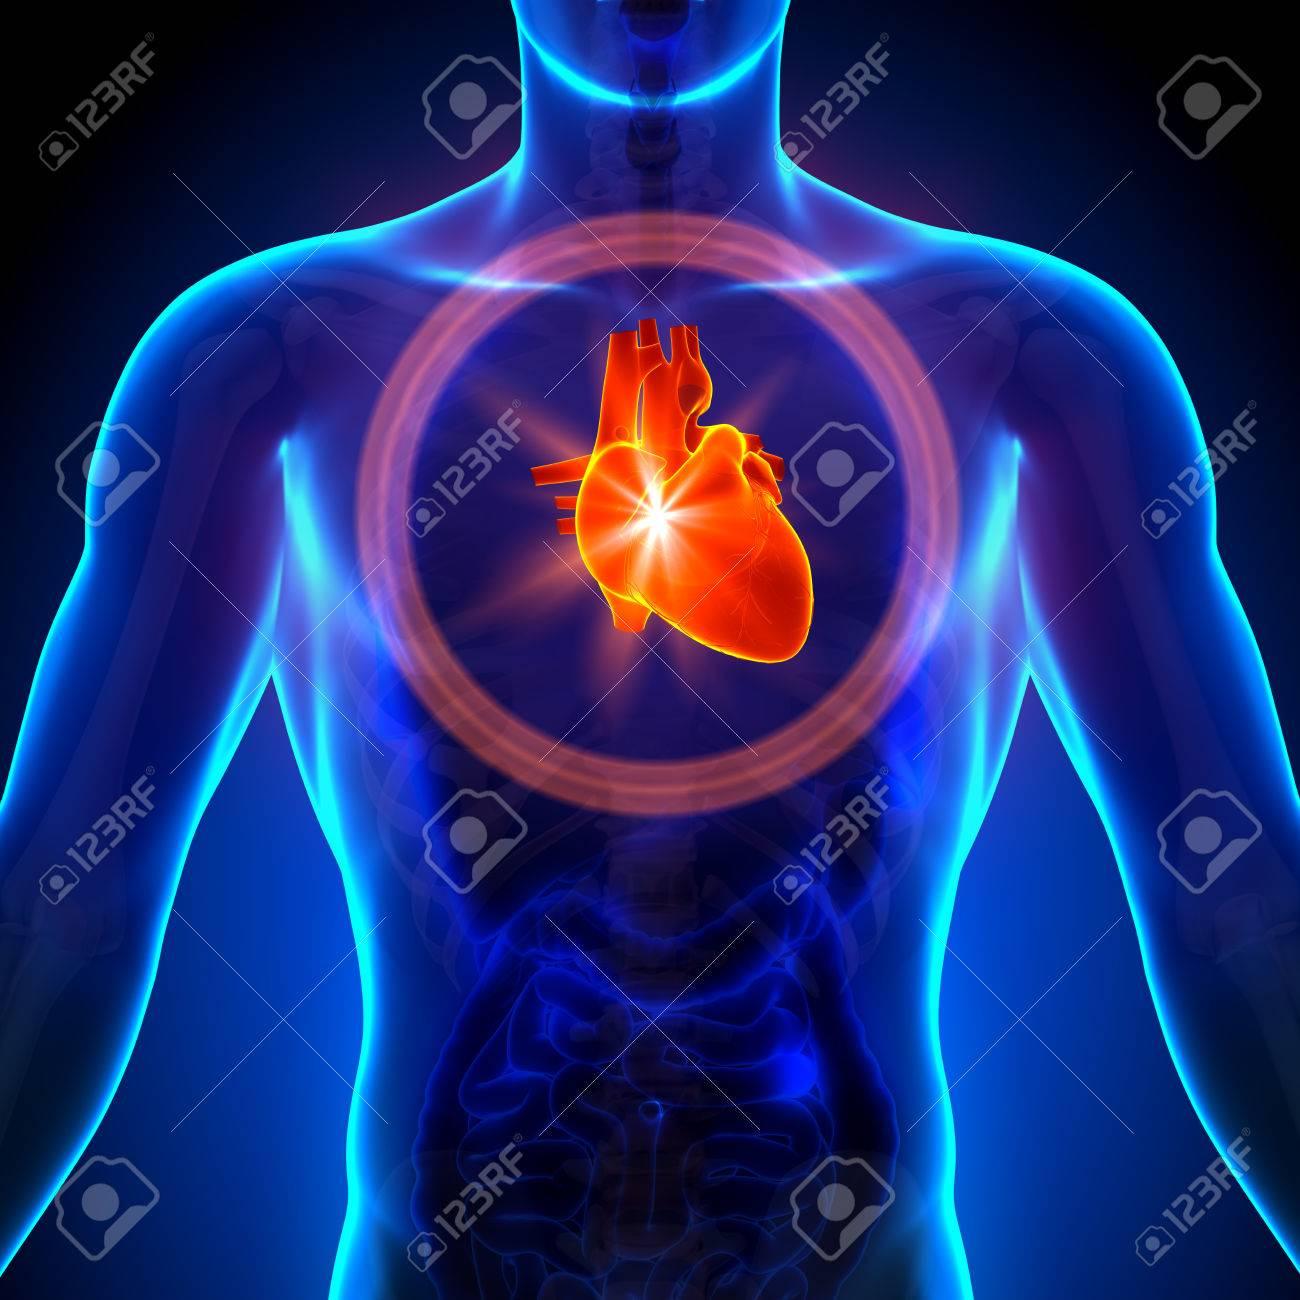 Heart - Männliche Anatomie Des Menschlichen Organen - X-ray-Ansicht ...